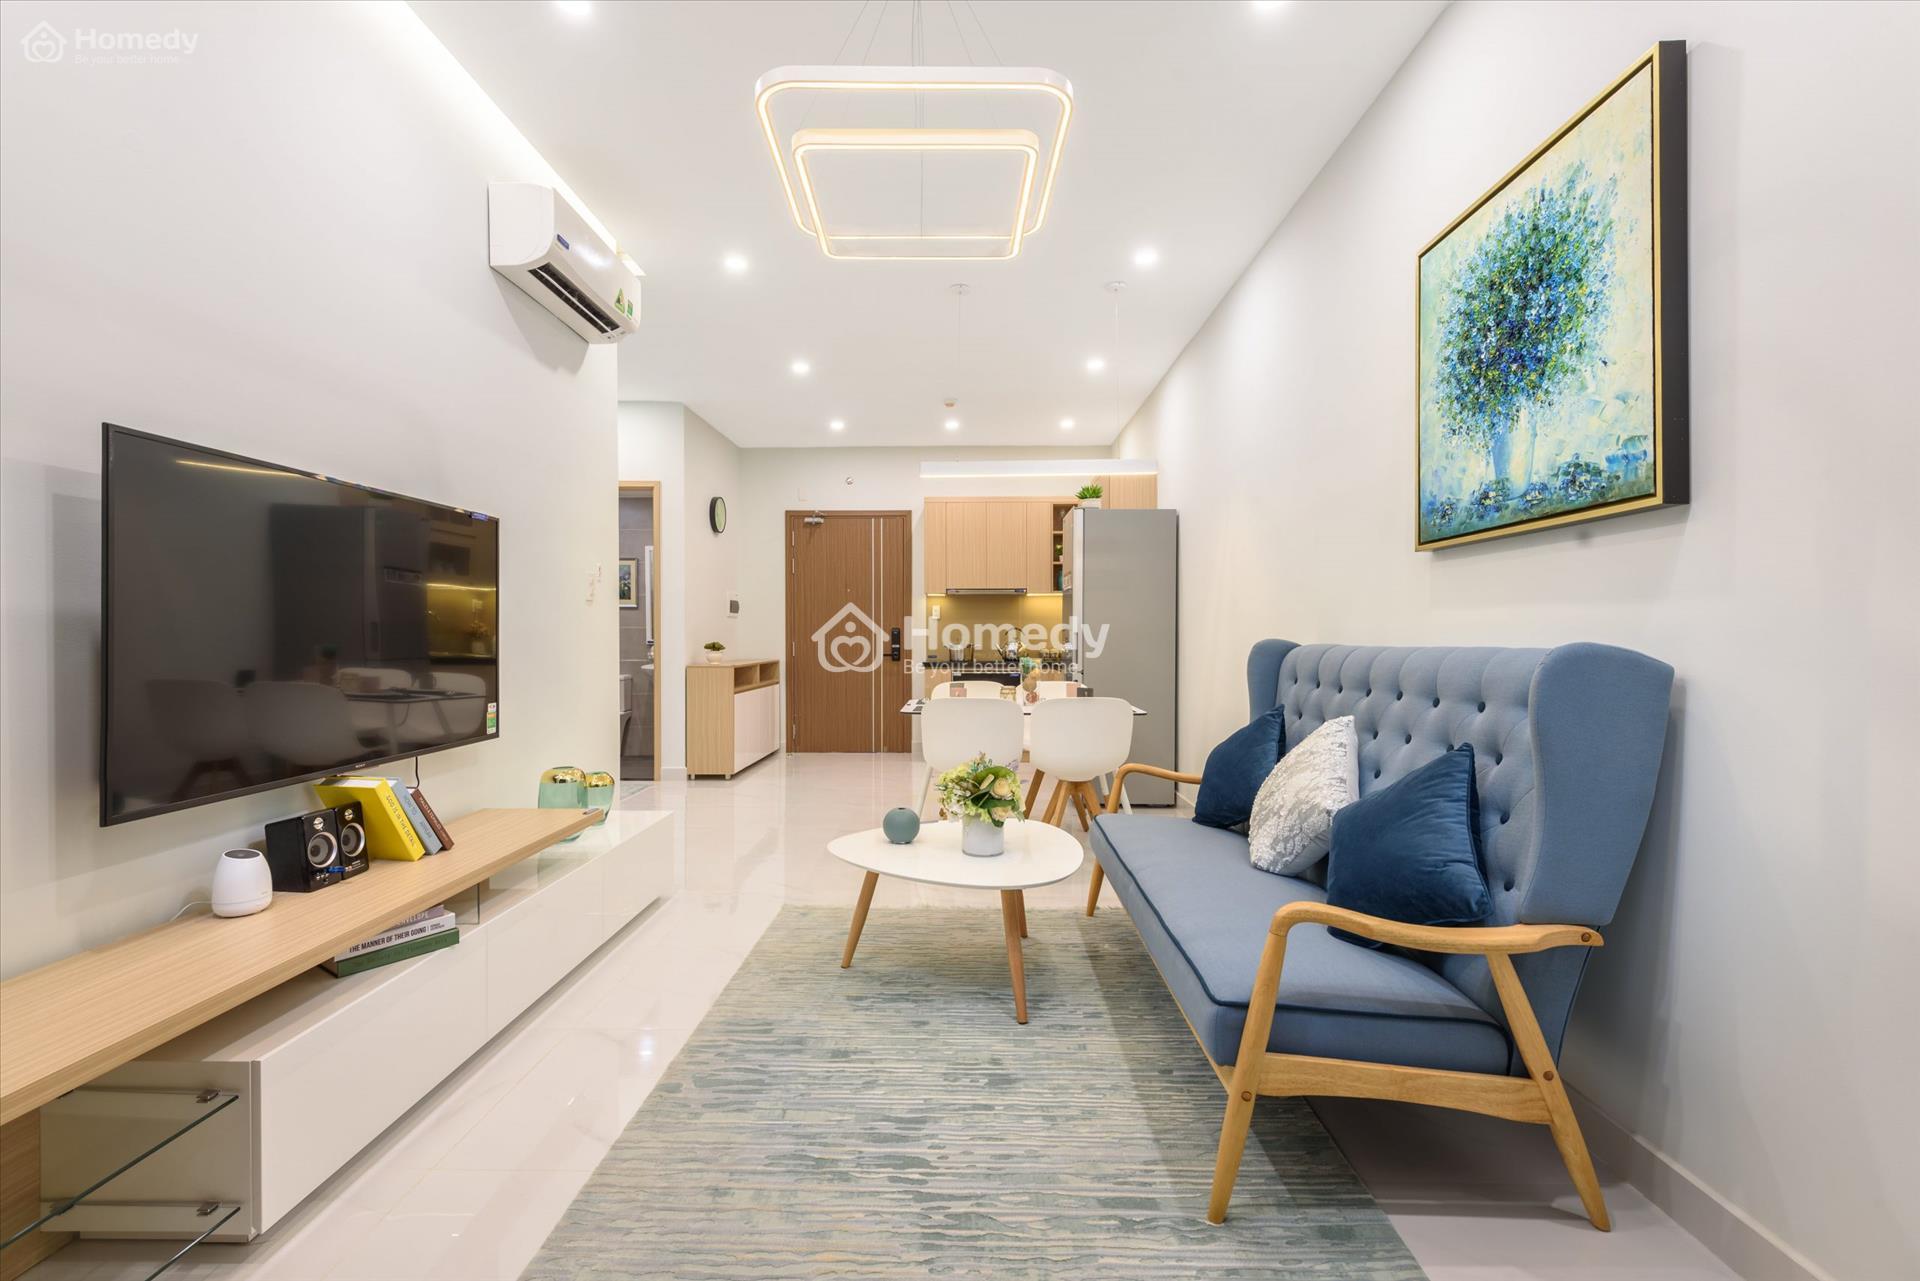 Cho thuê căn hộ trung cấp tại Hà Nội